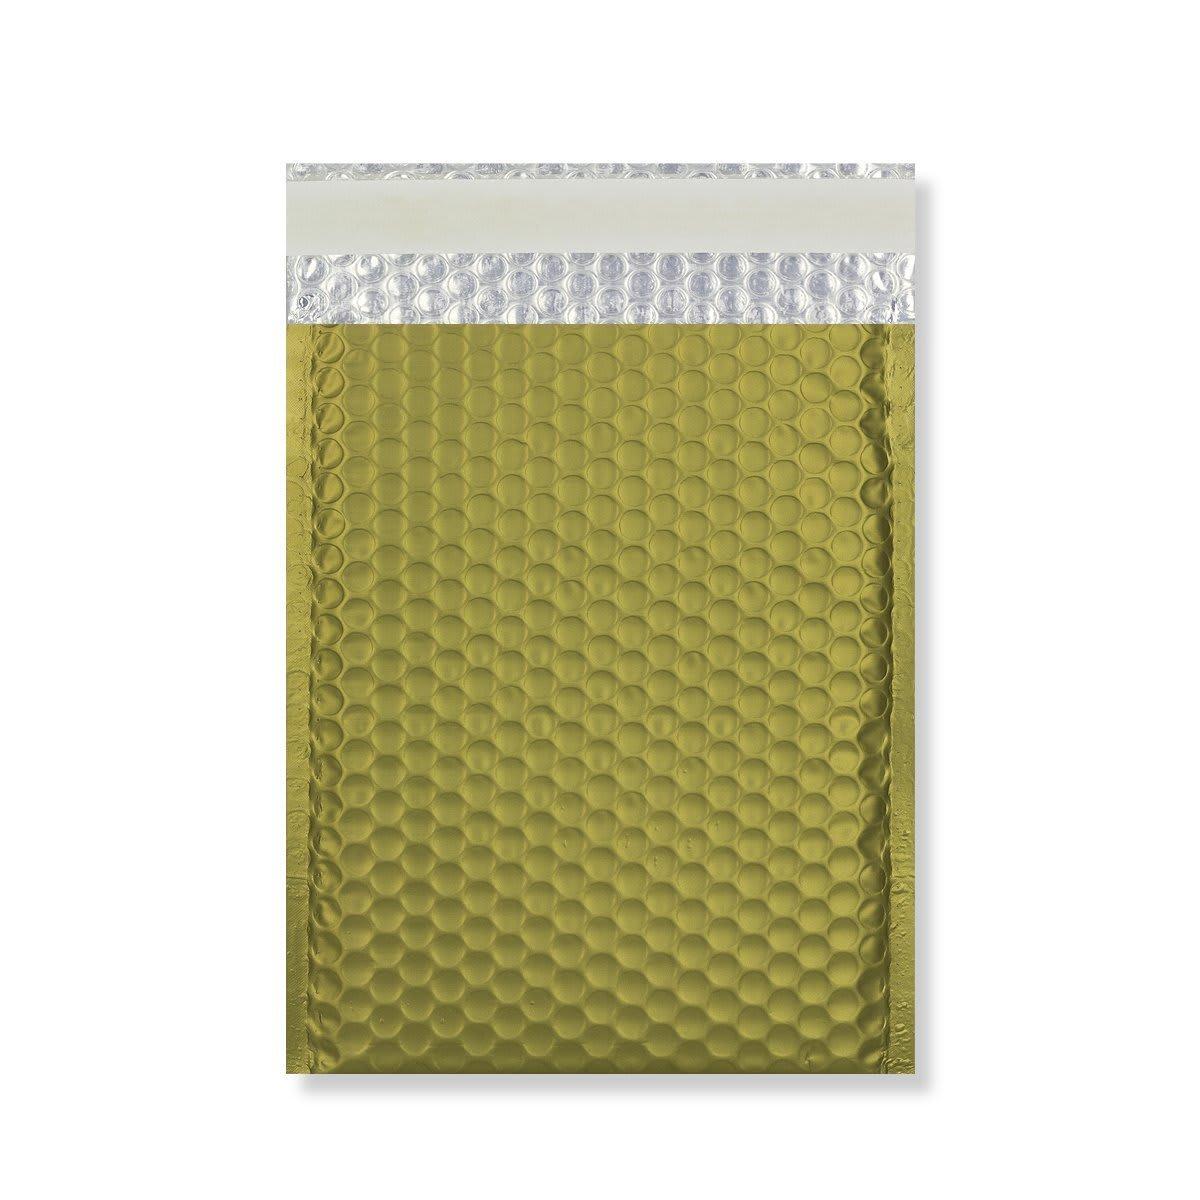 C4 MATT METALLIC GOLD PADDED ENVELOPES (324 x 230MM)